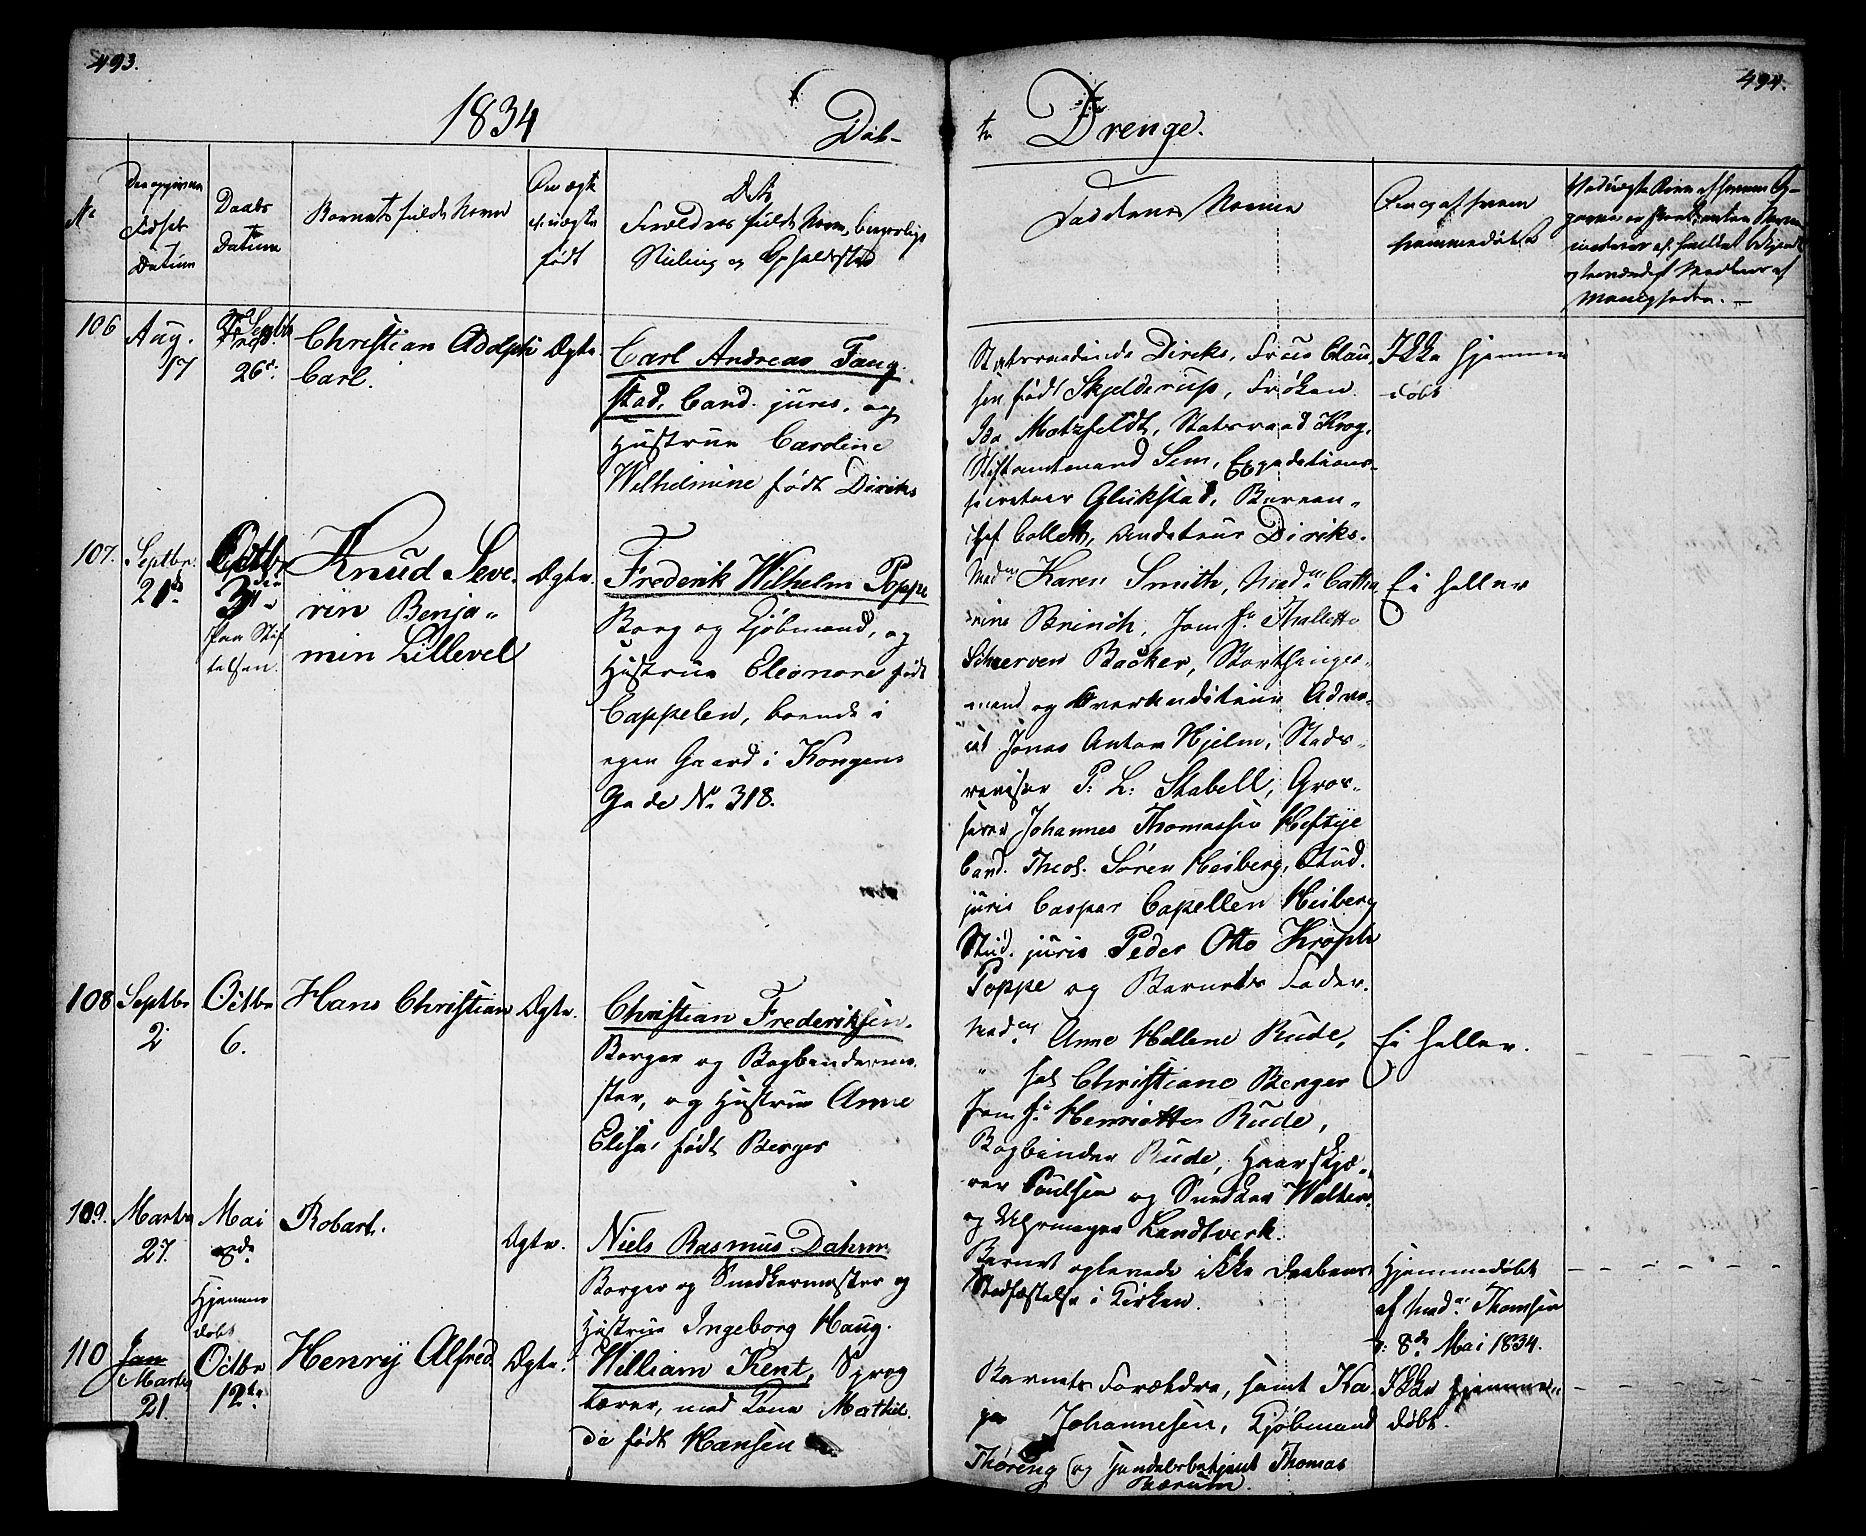 SAO, Oslo domkirke Kirkebøker, F/Fa/L0011: Ministerialbok nr. 11, 1830-1836, s. 493-494